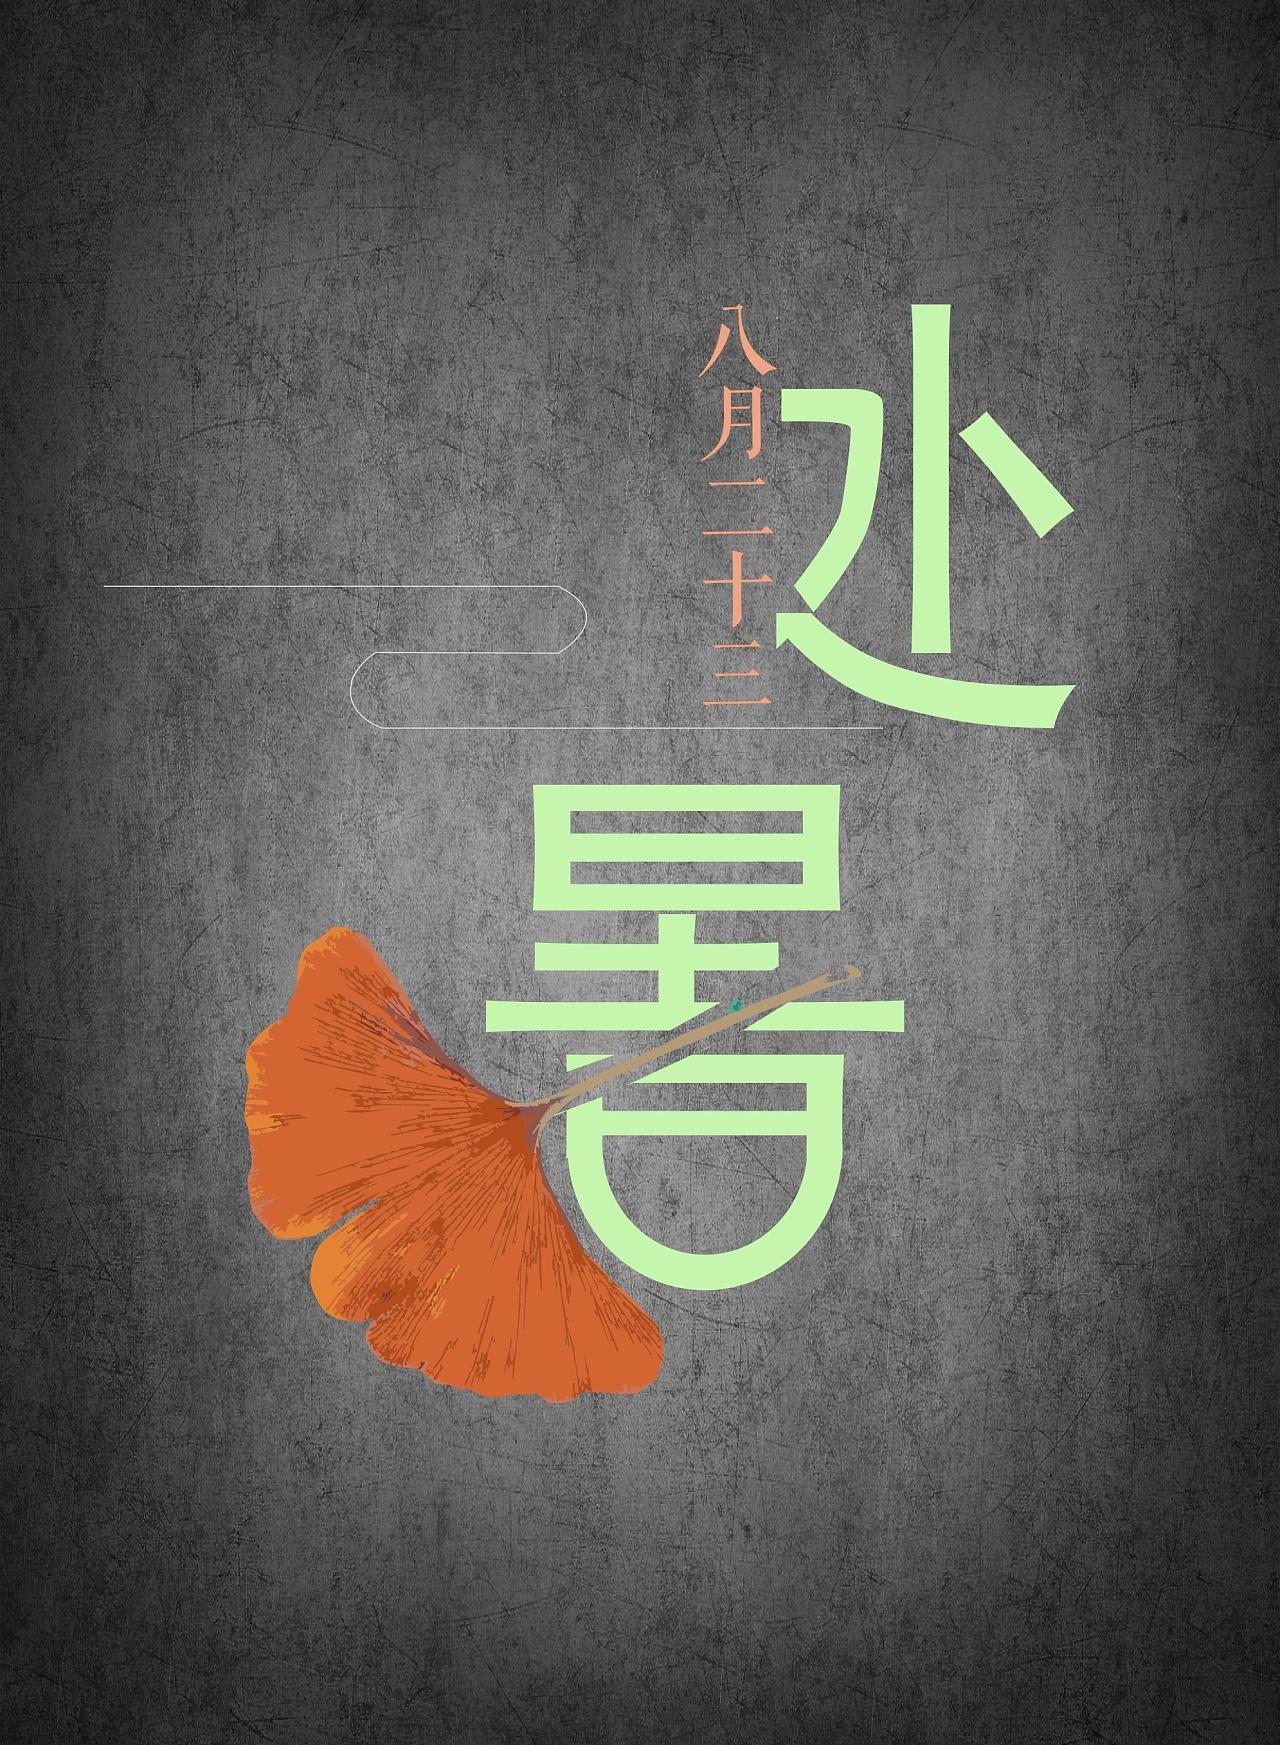 二十四节气中的十二字体果酒v字体图形创意作包装设计节气图片